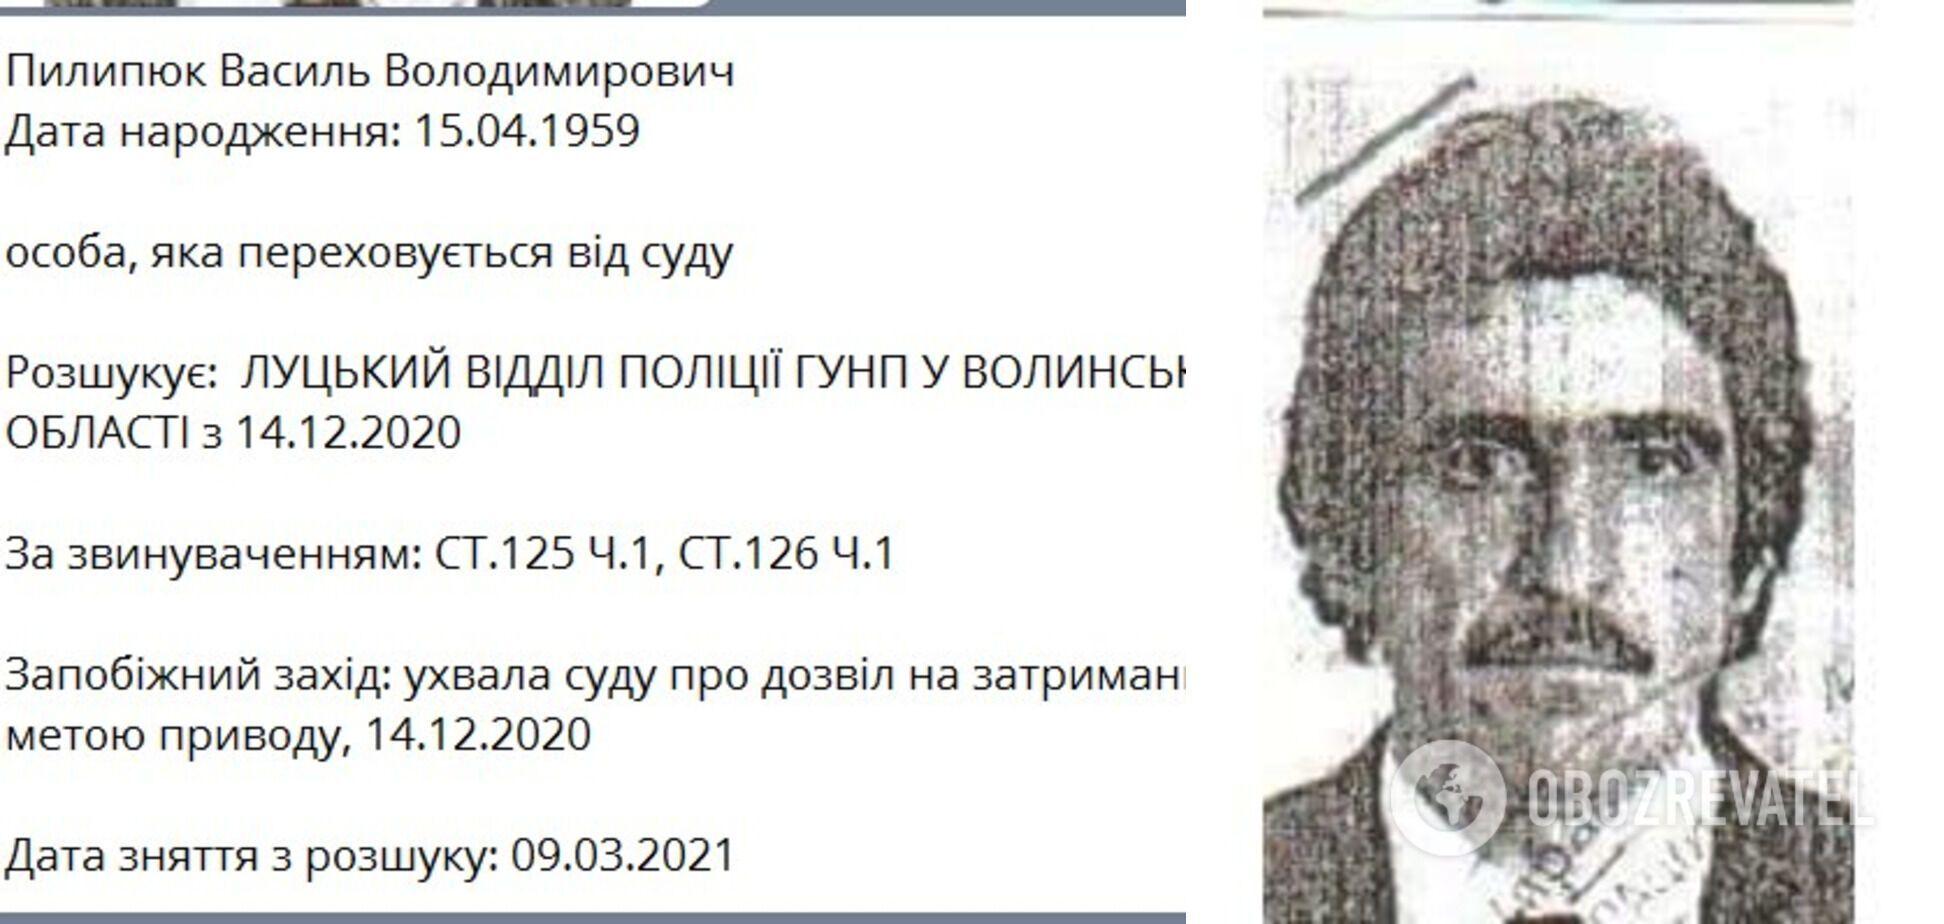 Василь Пилипюк переховувався від суду